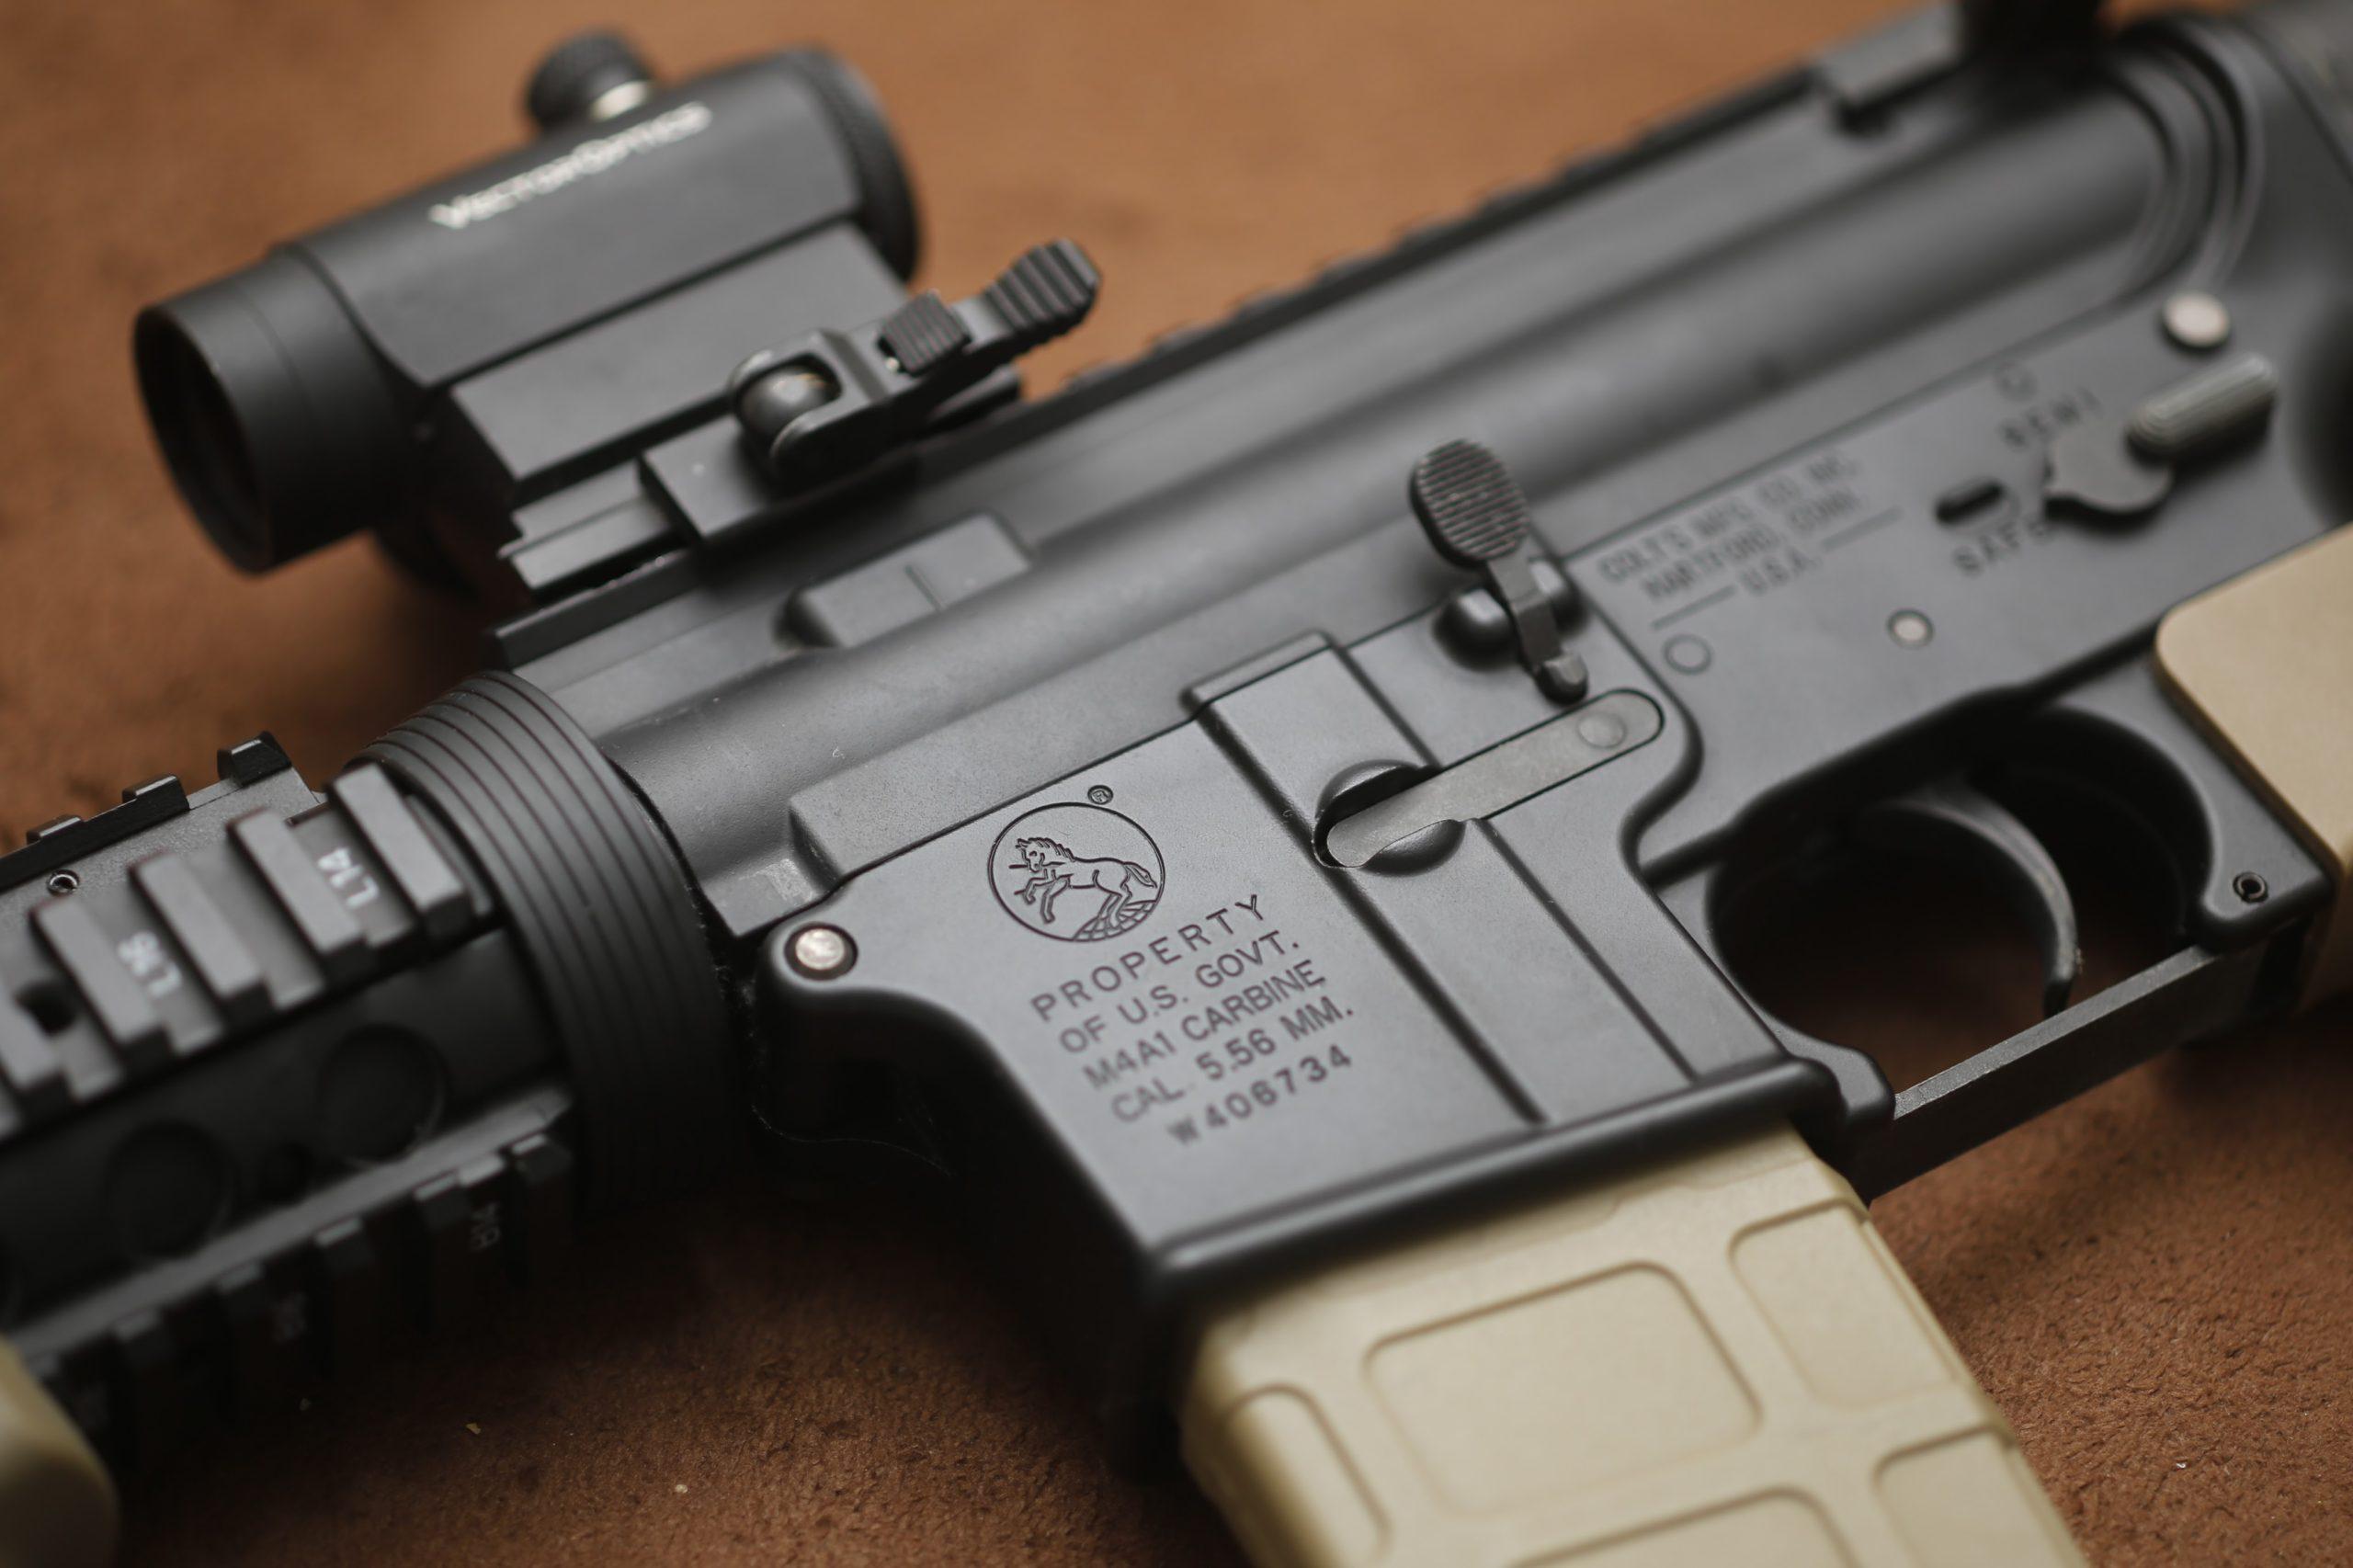 【カスタム】次世代M4の「邪魔な」リコイルをオミットしよう!